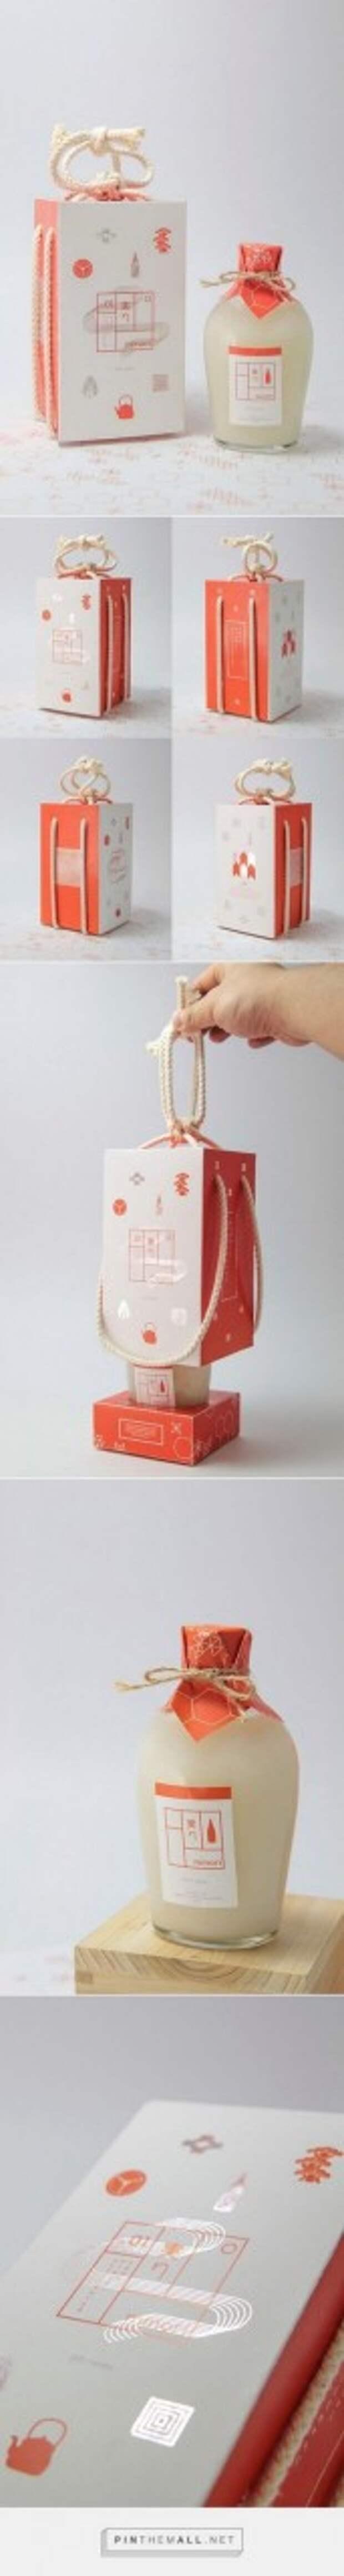 Made in Japan: 25 креативных вещей, созданных японскими дизайнерами